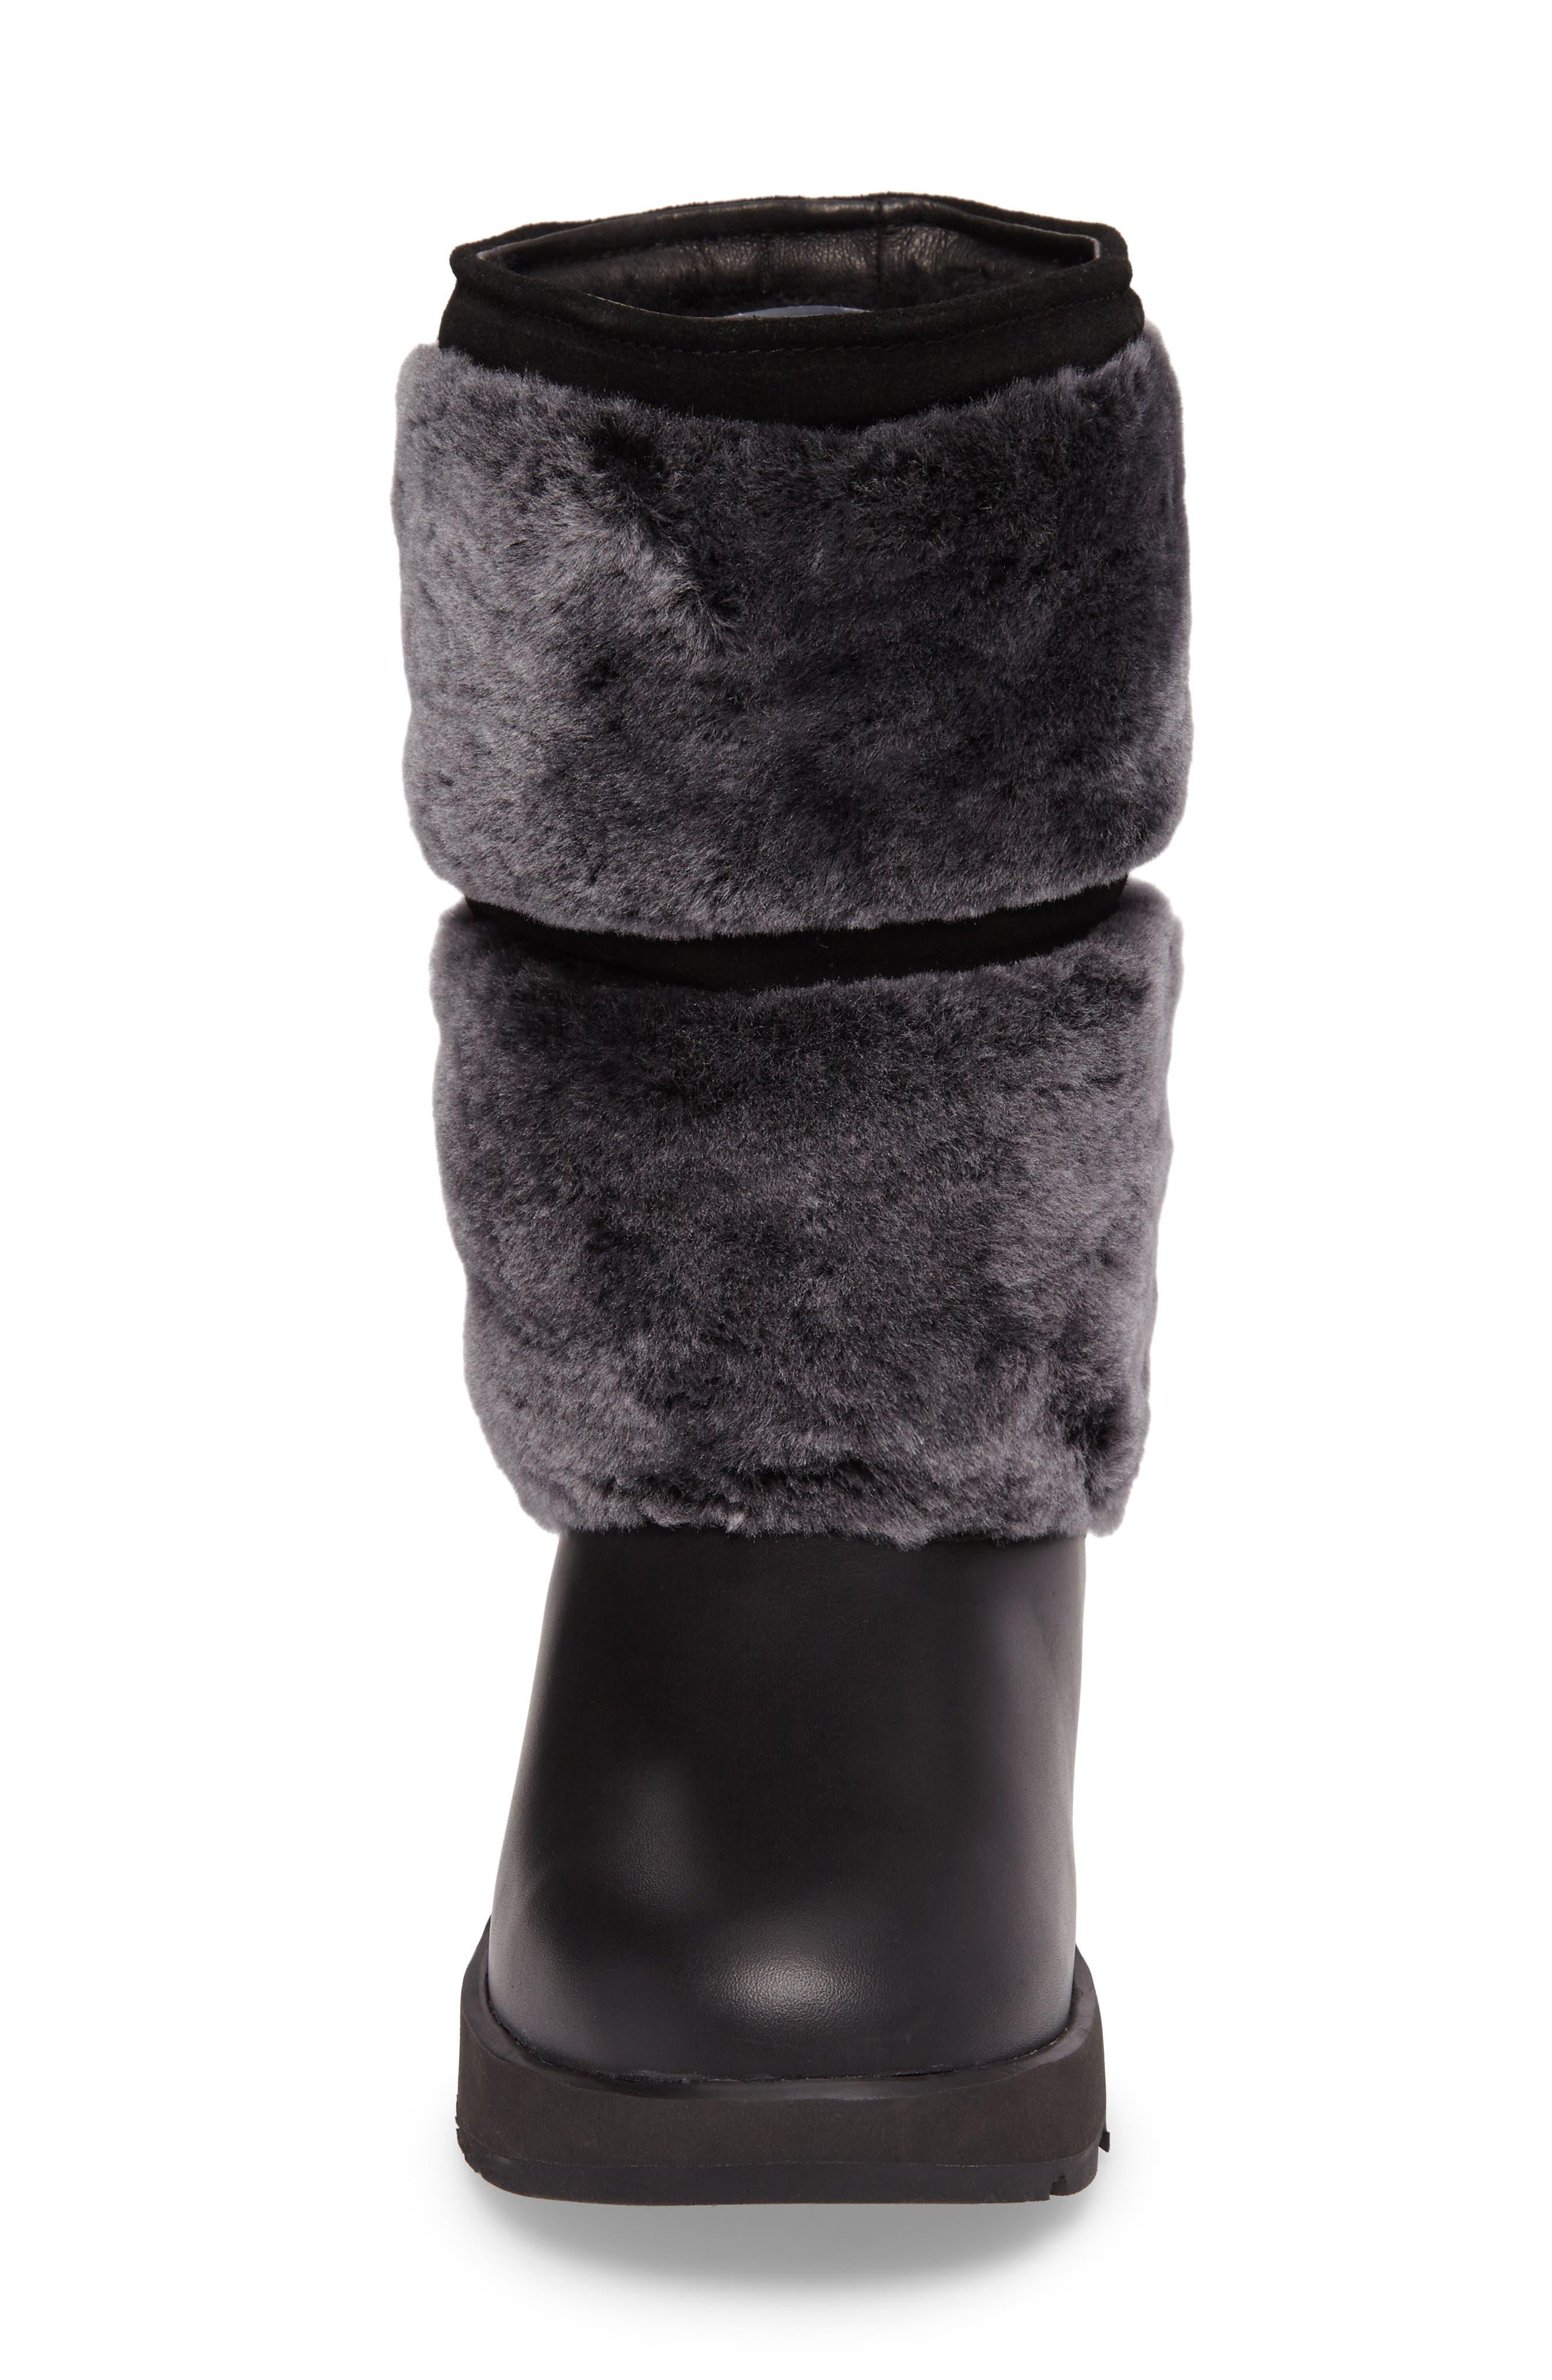 Reykir Waterproof Snow Boot,                             Alternate thumbnail 10, color,